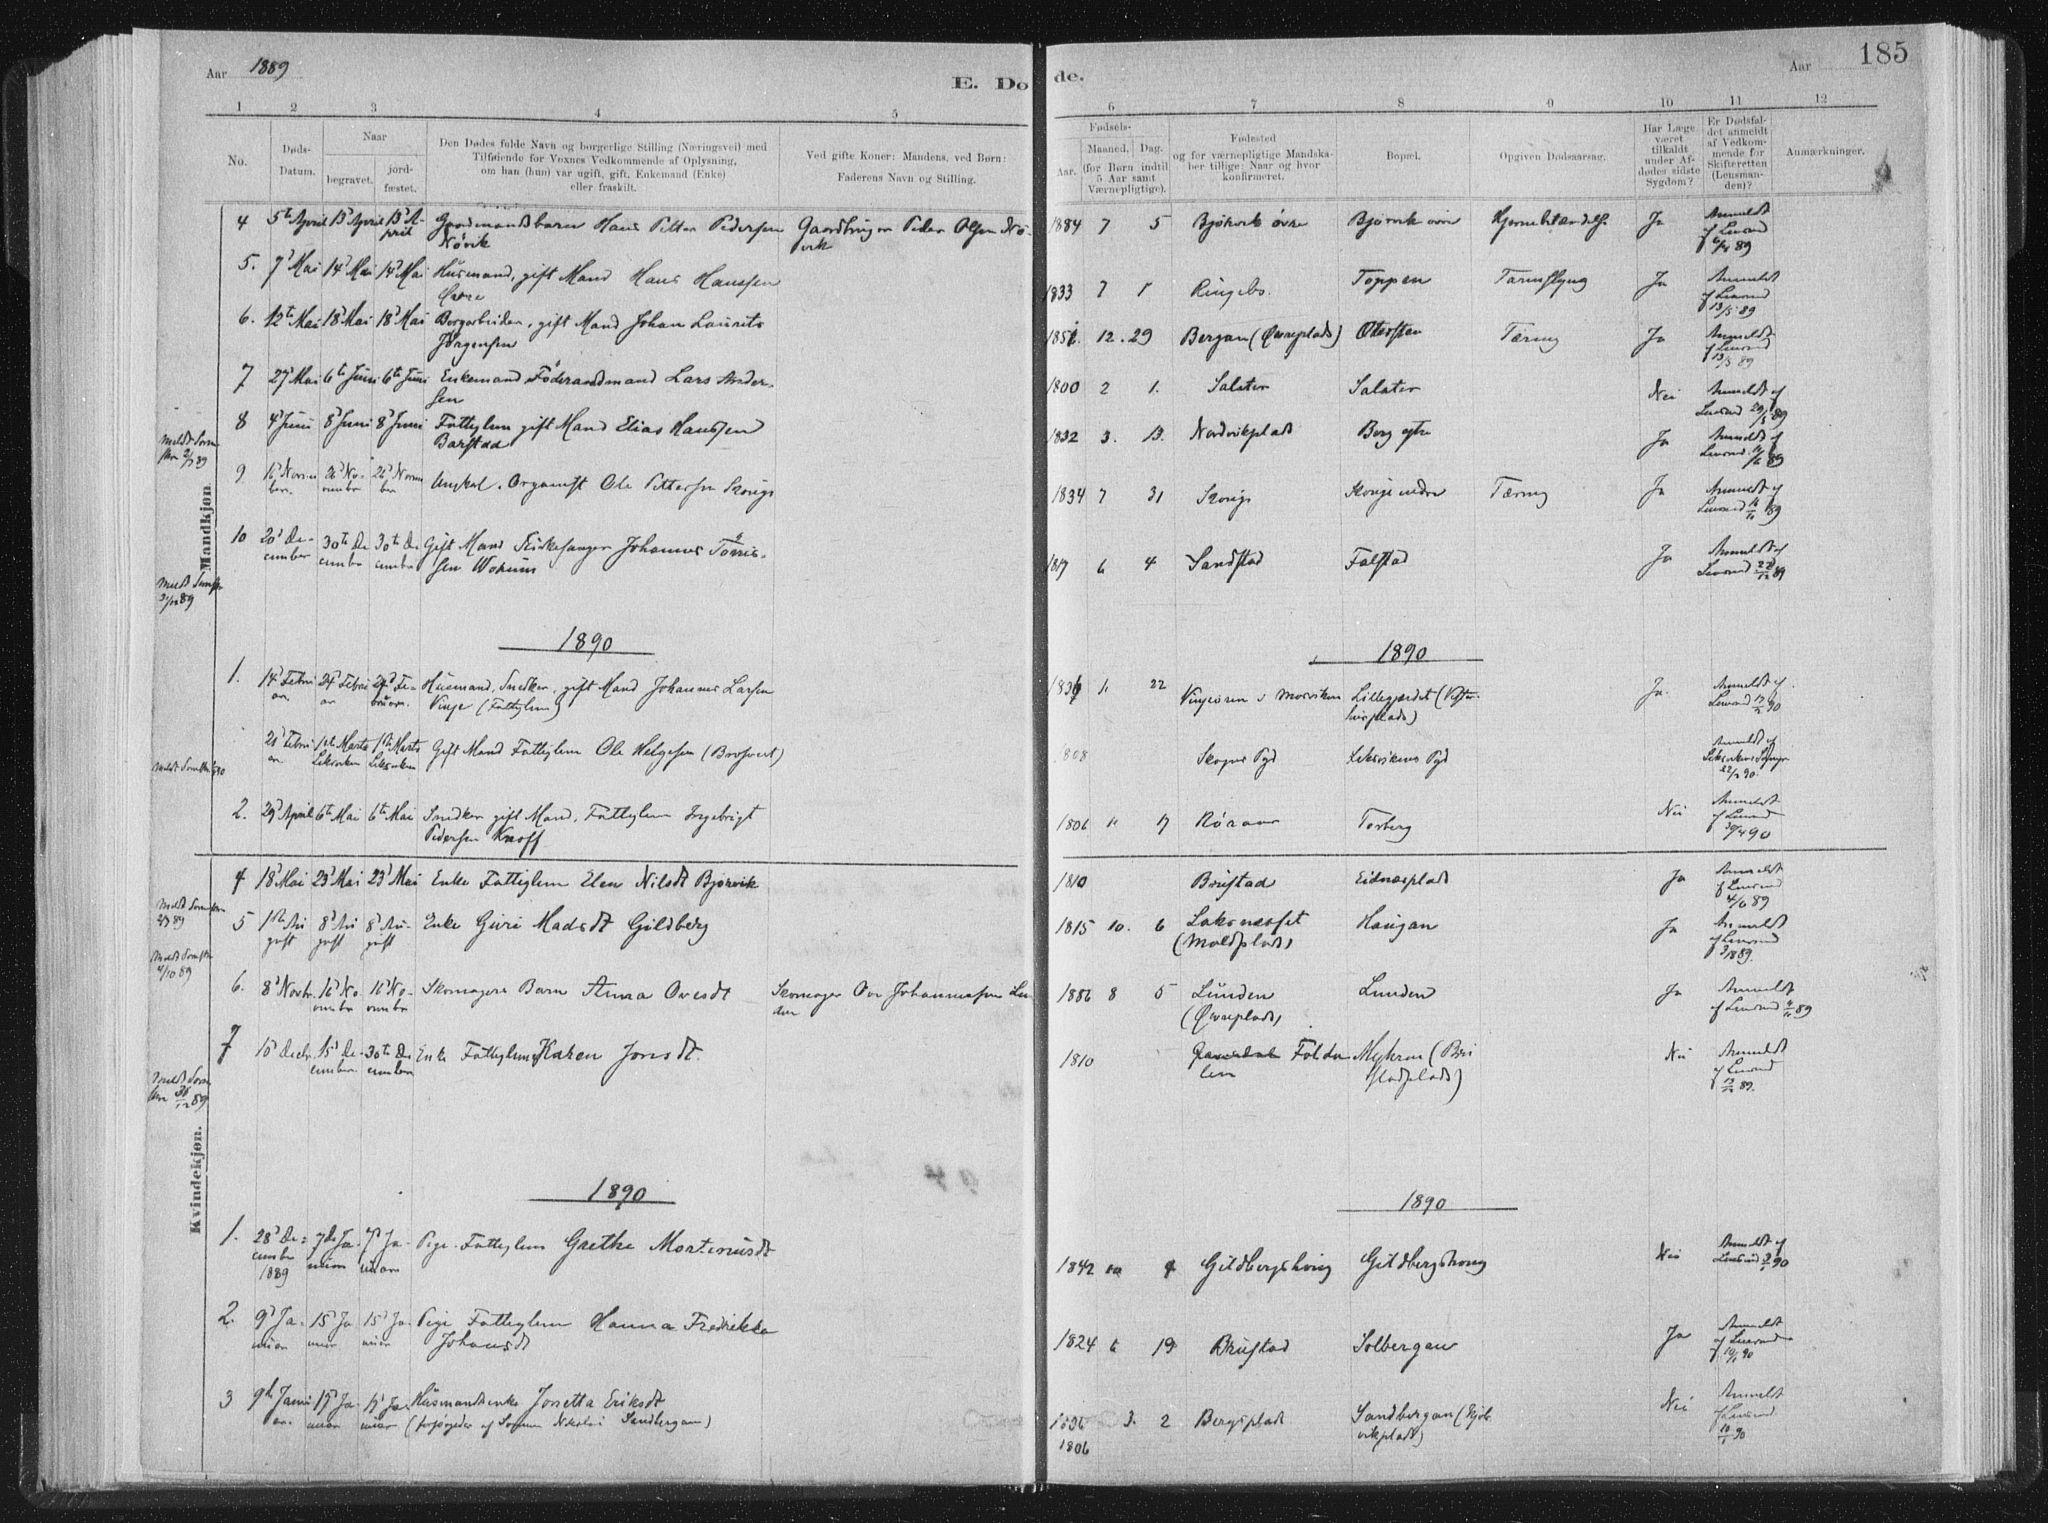 SAT, Ministerialprotokoller, klokkerbøker og fødselsregistre - Nord-Trøndelag, 722/L0220: Ministerialbok nr. 722A07, 1881-1908, s. 185